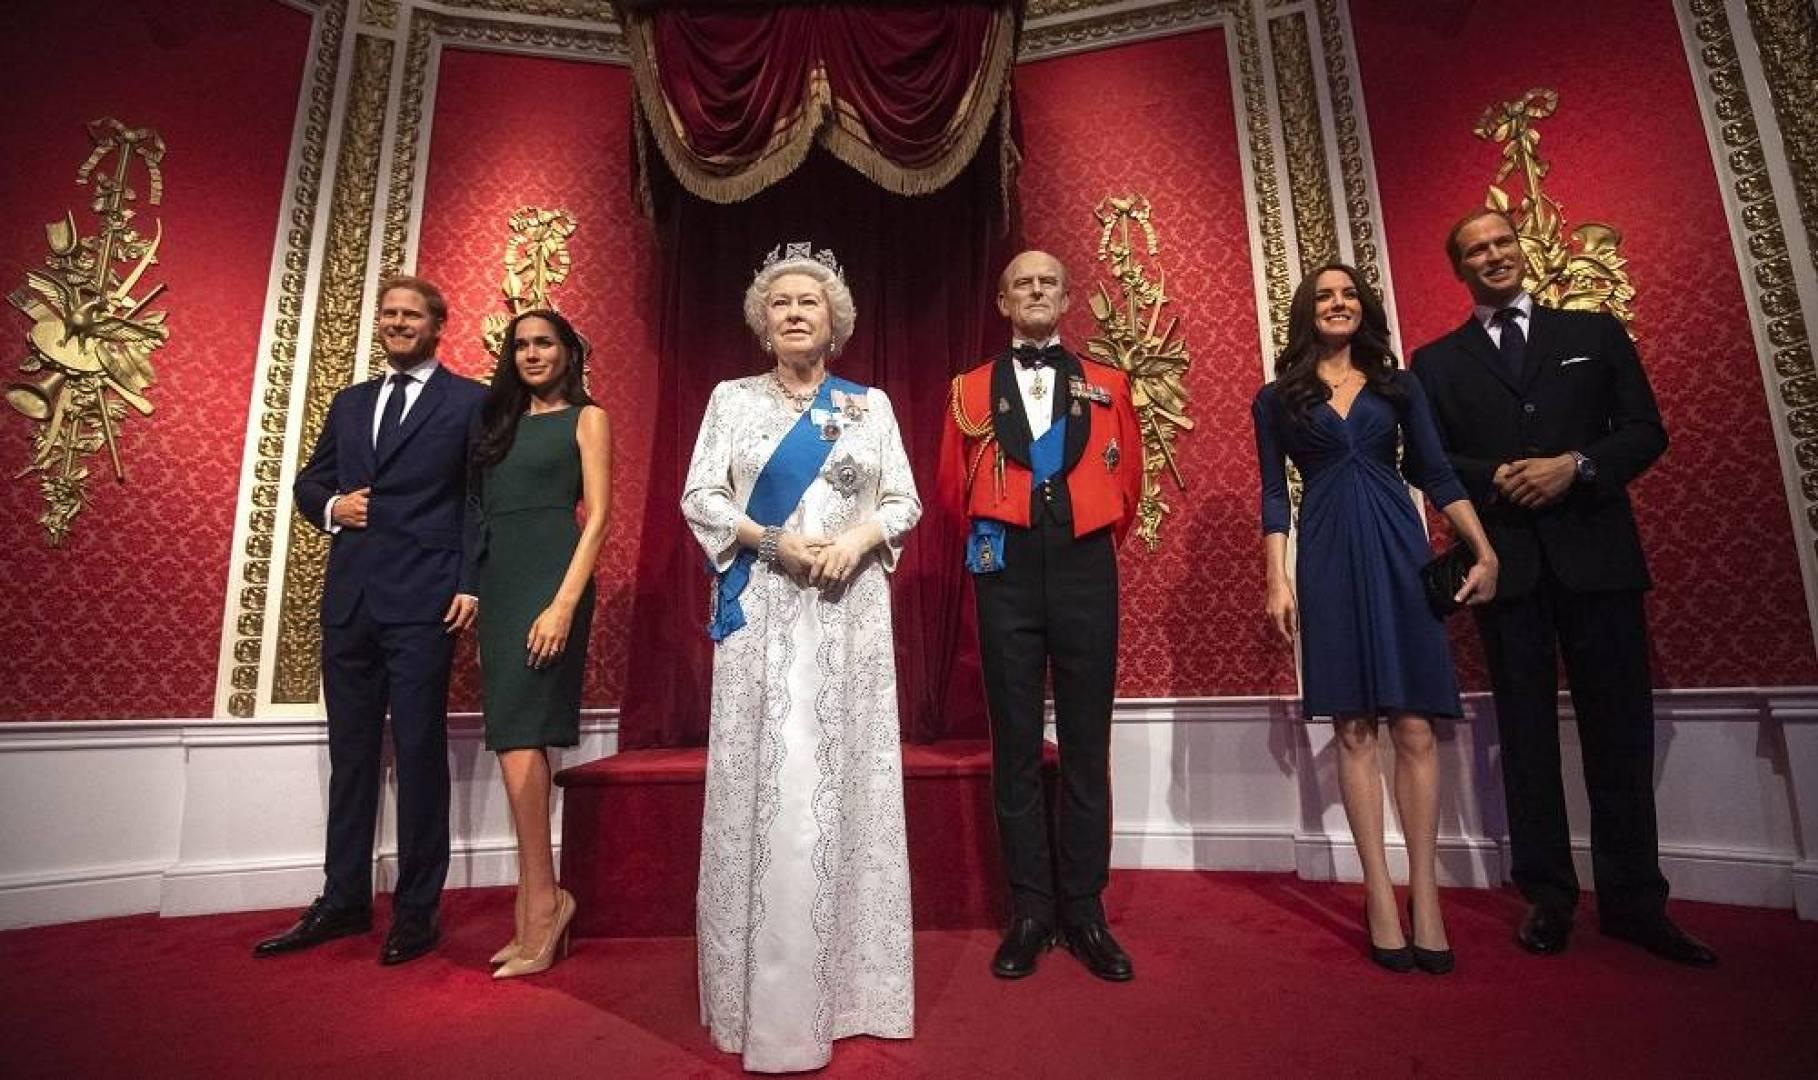 الملكة إليزابيث تستدعي حفيدها الأمير هاري وزوجته لحضور ...